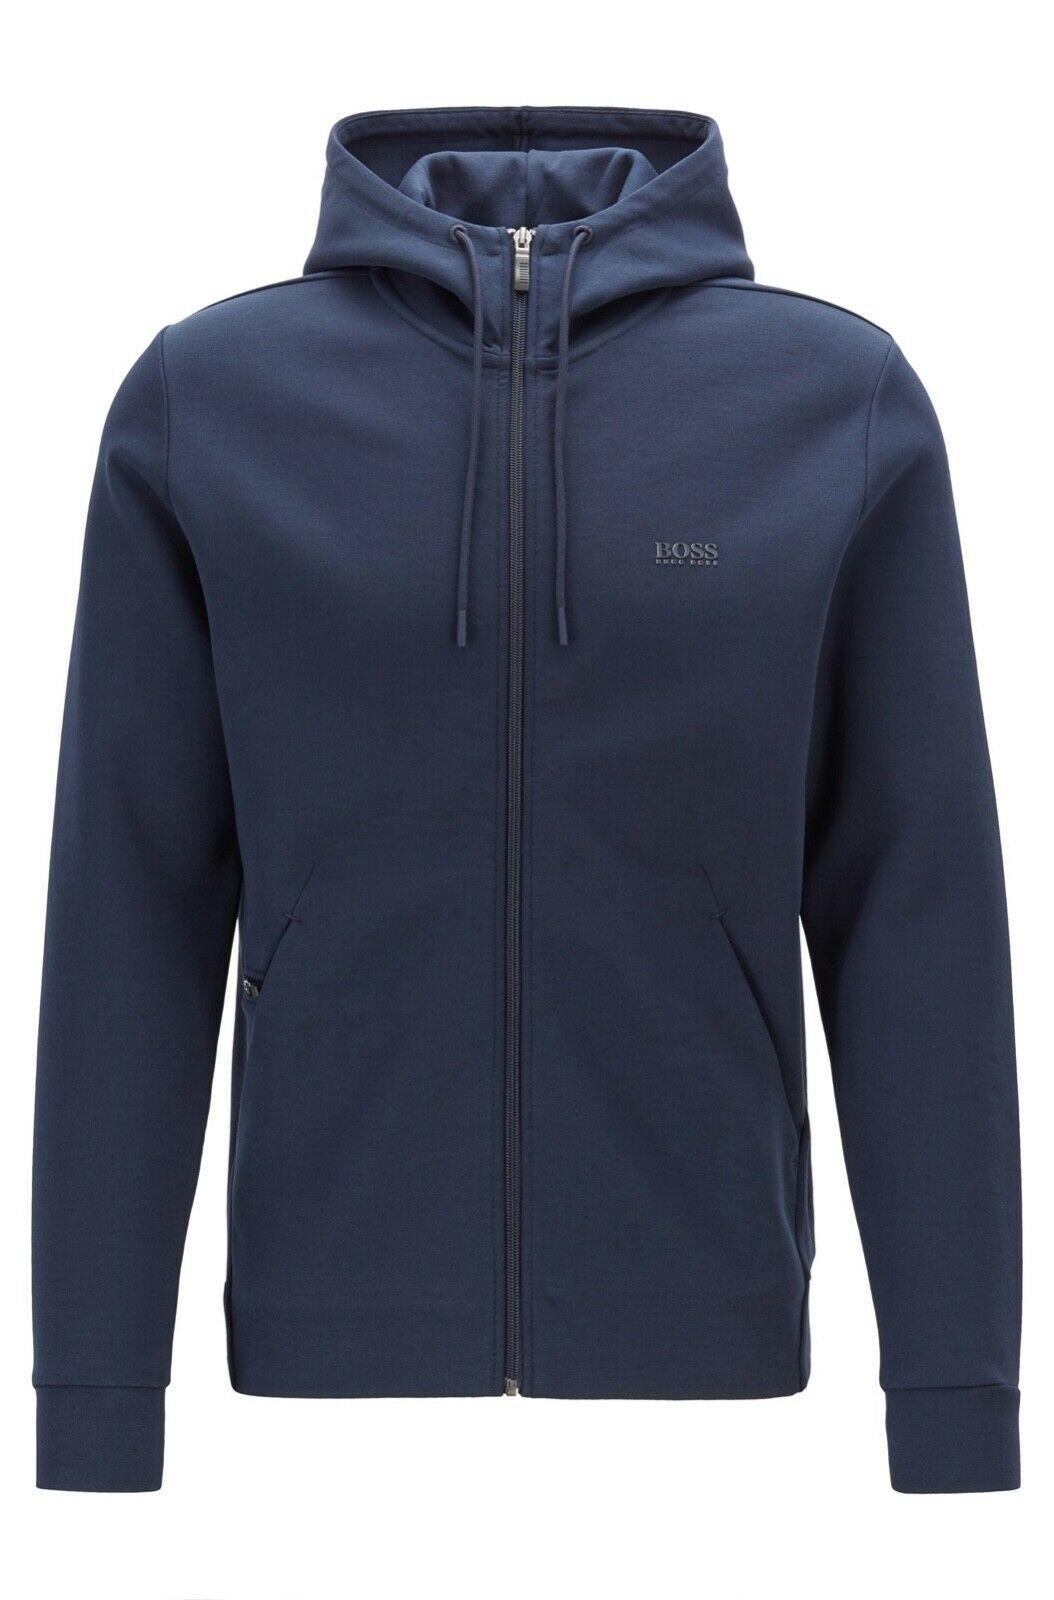 Hugo Boss Men's Sweater Zip Up Hoodie Sweatshirt Track Jacket Navy